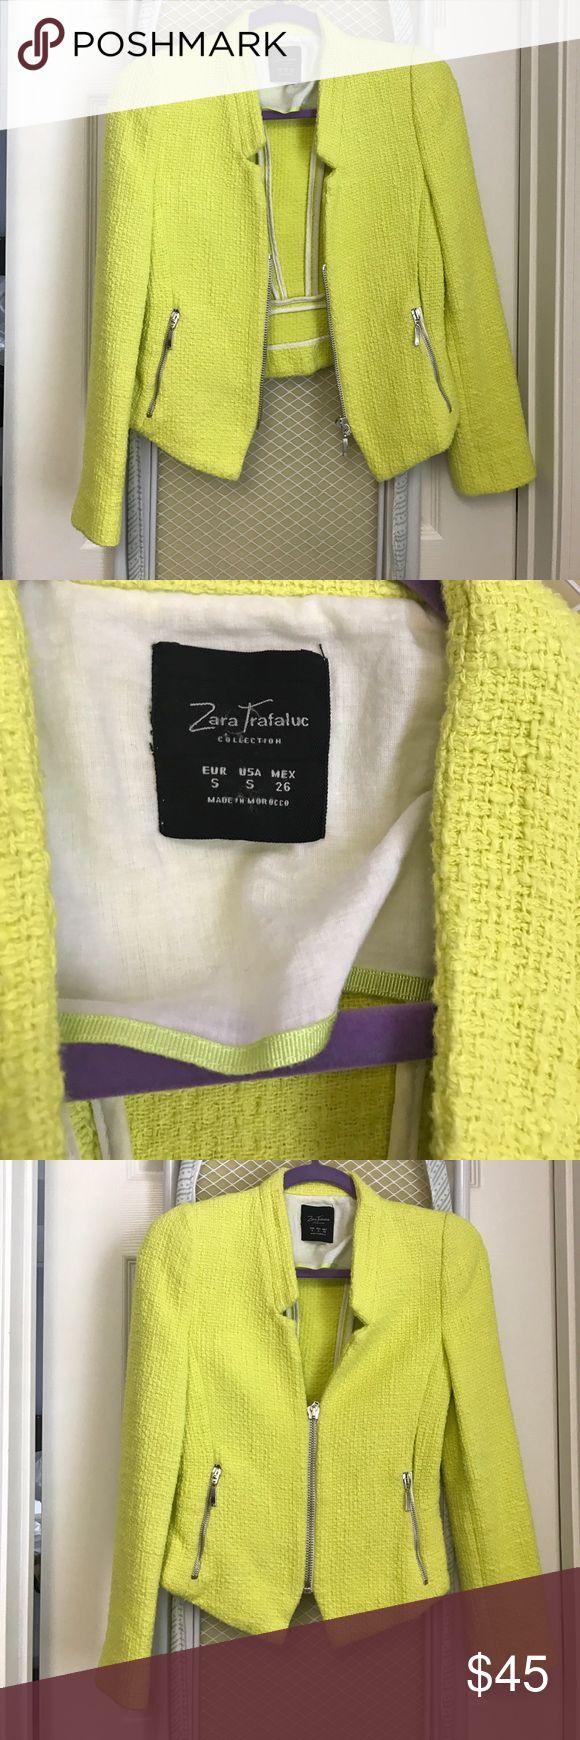 Zara jacket small Small Zara tweed like lime green jacket Zara Jackets & Coats